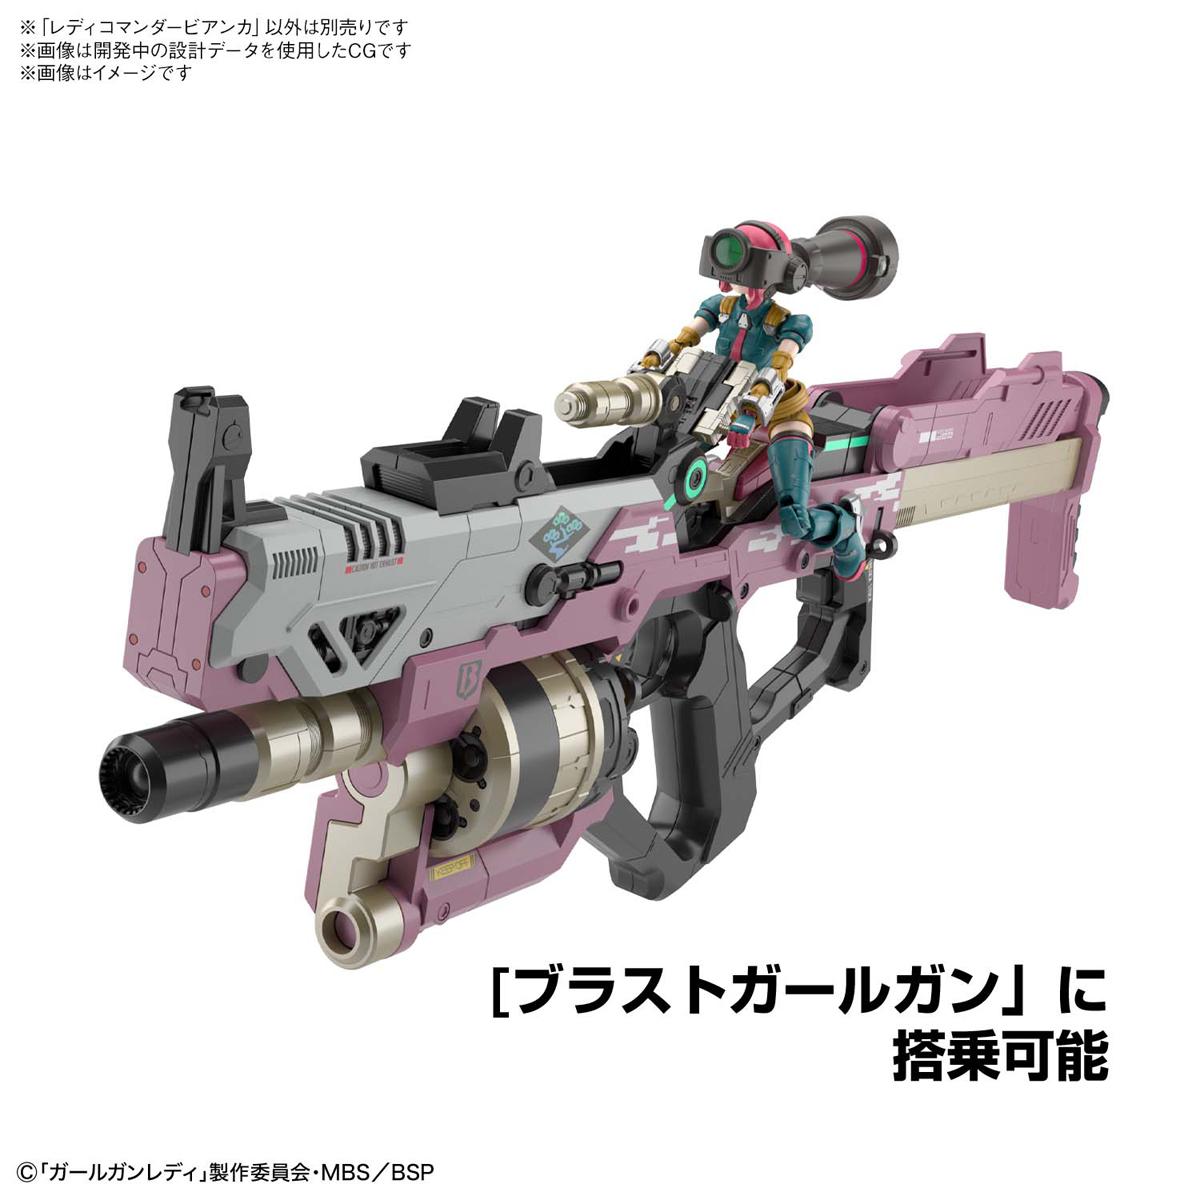 ガールガンレディ『レディコマンダービアンカ』GGL 1/1 プラモデル-005